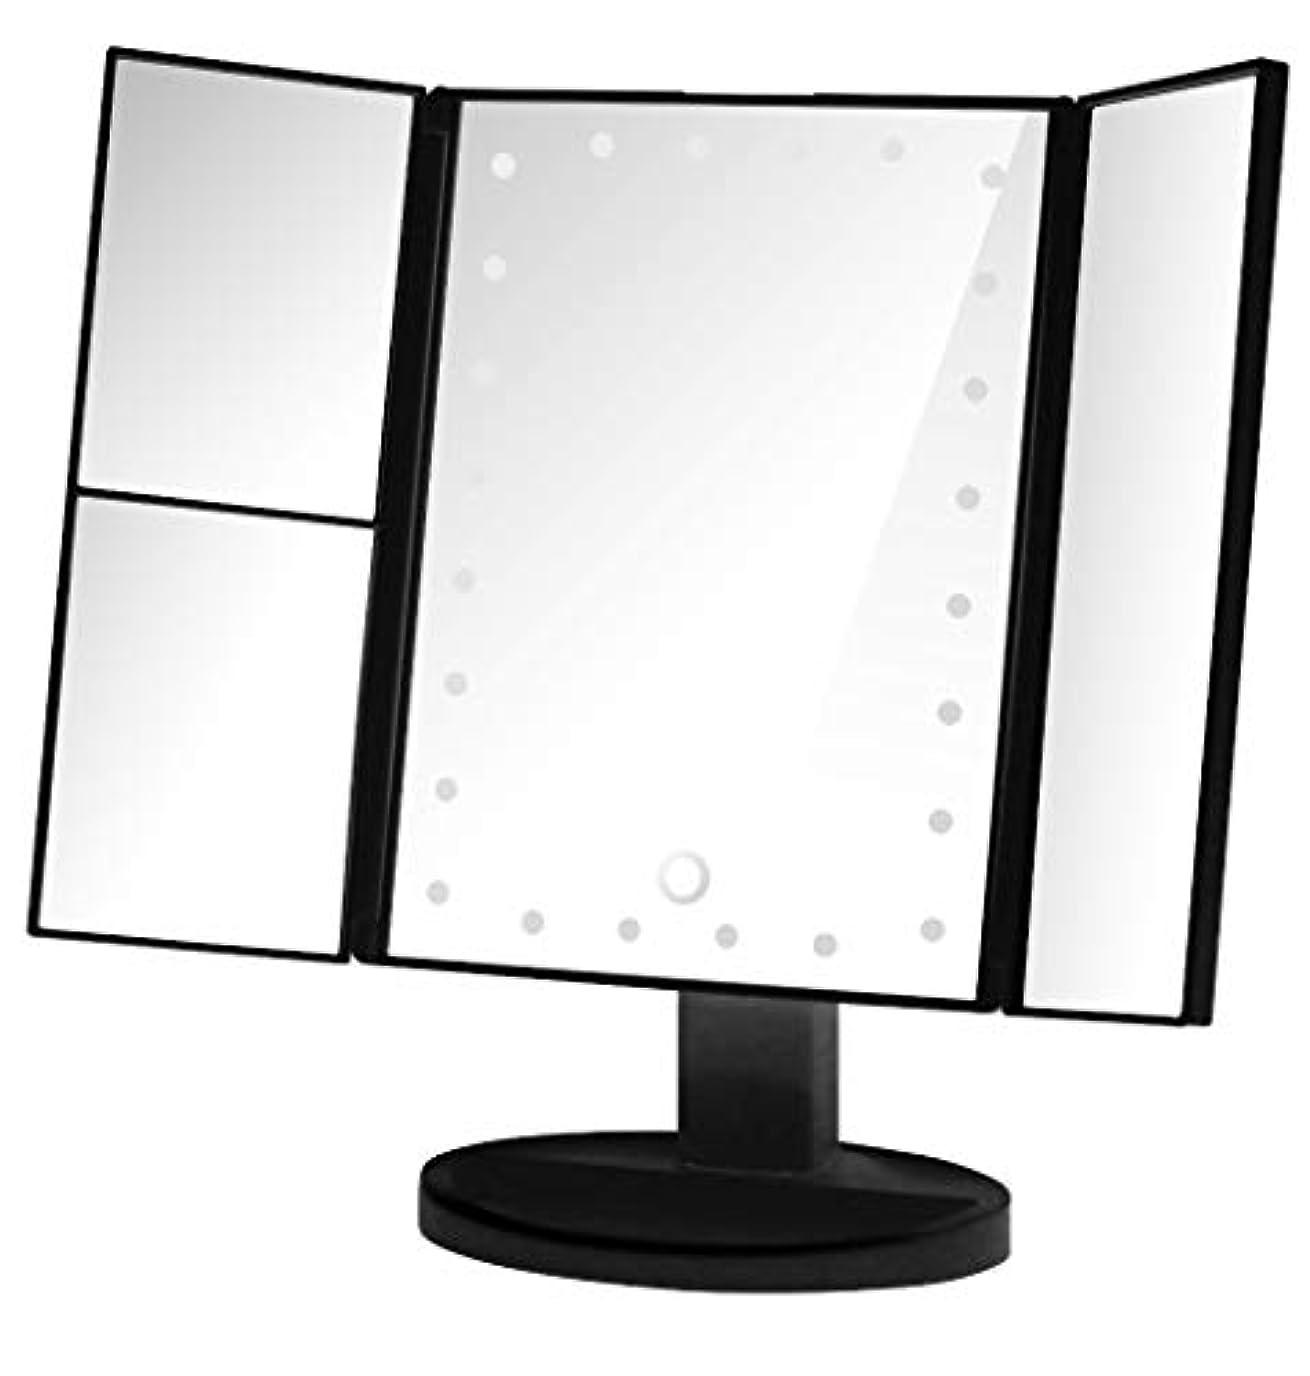 ピストンポーチ熱望する化粧鏡 LED 三面鏡 卓上鏡 鏡 拡大鏡付き ライト付きメイクアップ用卓上ミラー (ブラック)